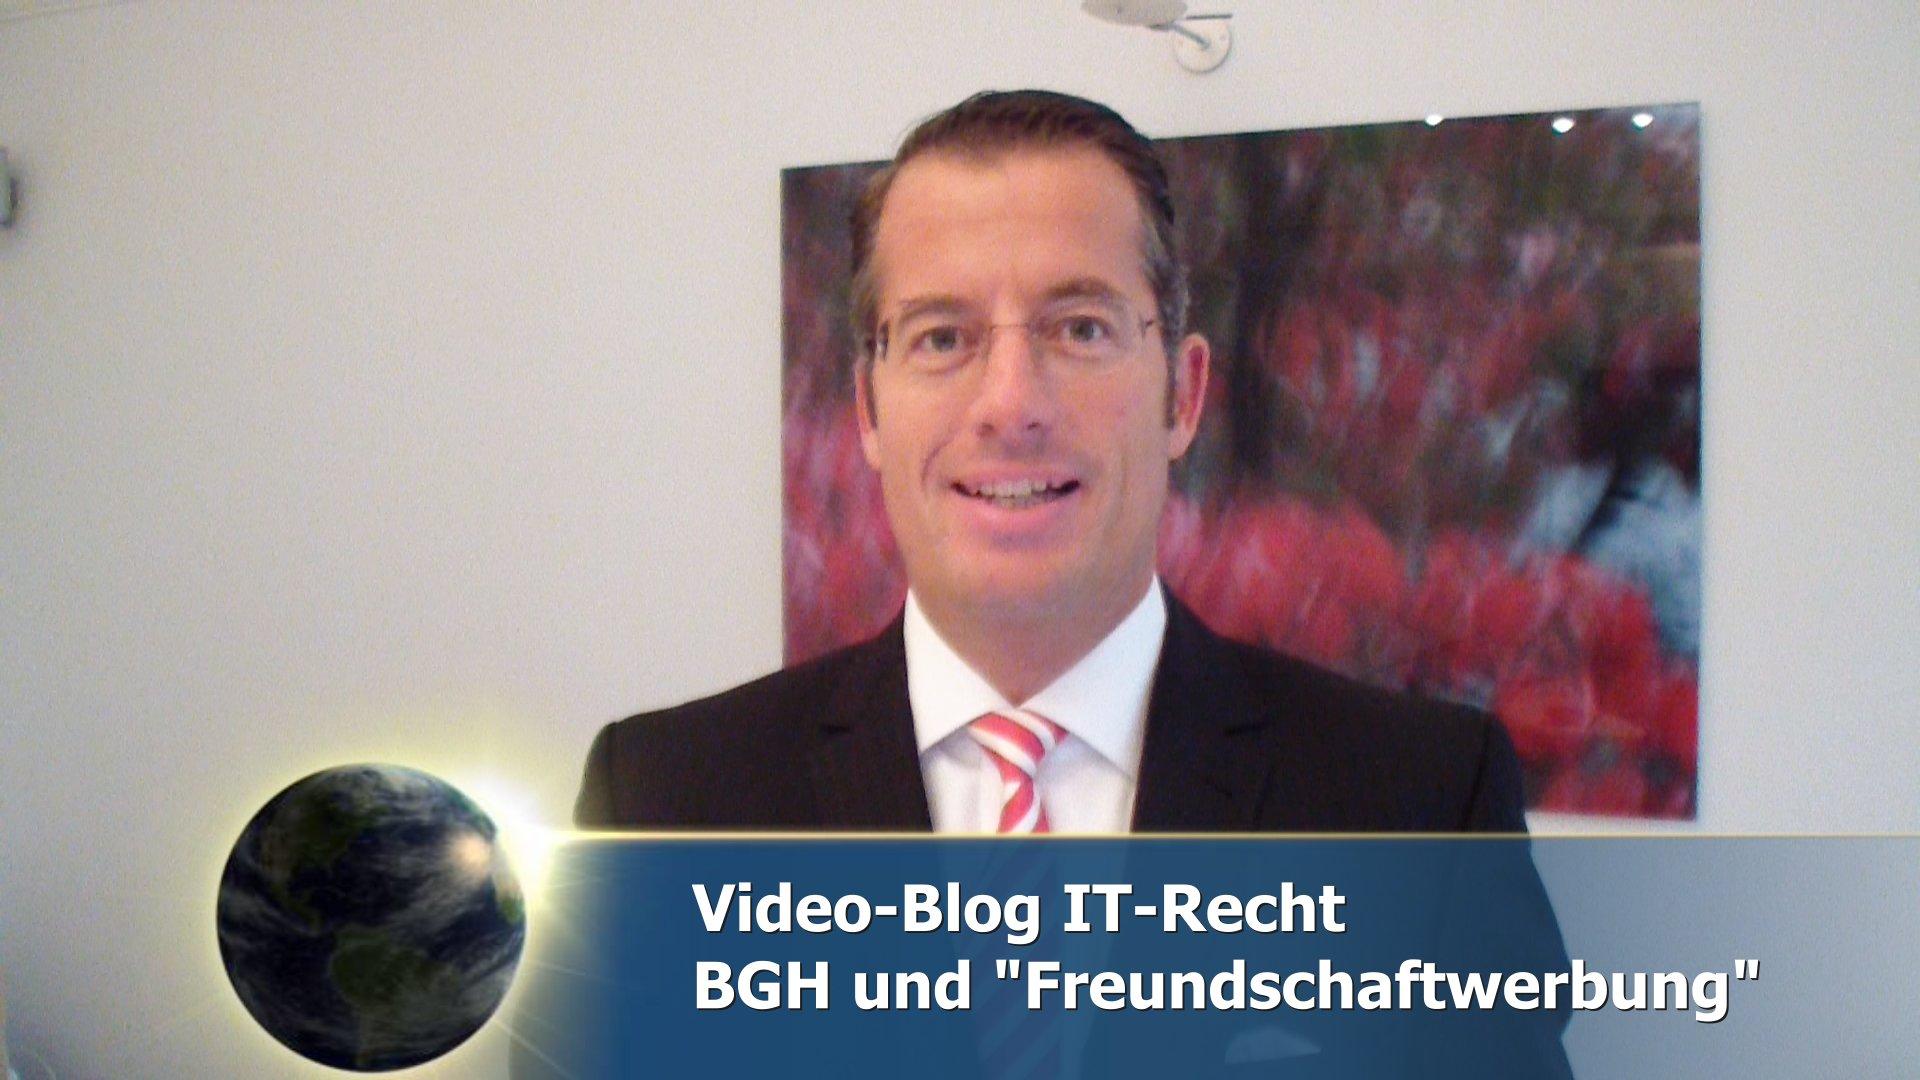 Freundschaftswerbung im Internet / BGH Tell-a-friend